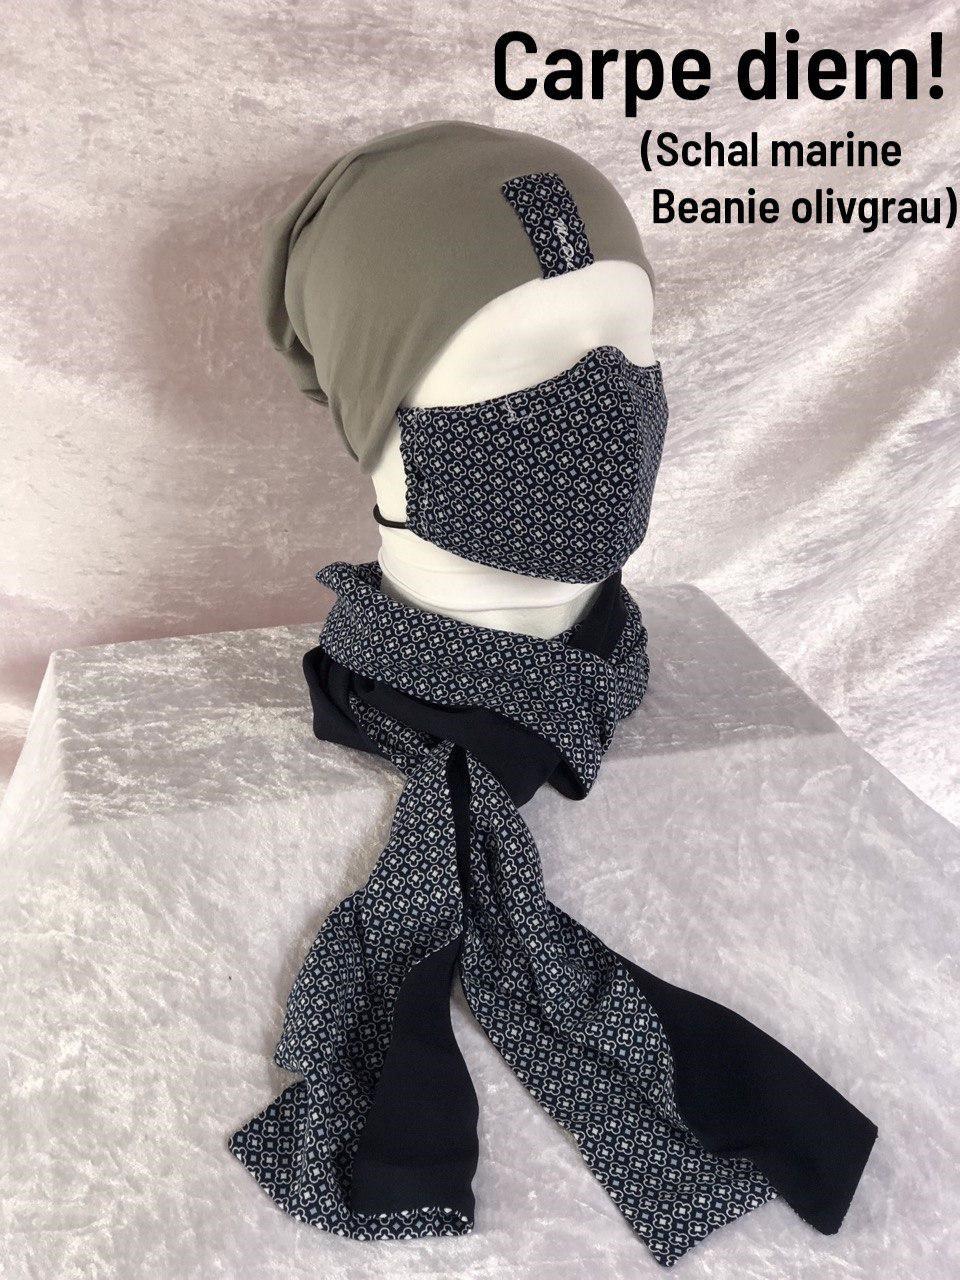 G - Maske + Schal + Beanie